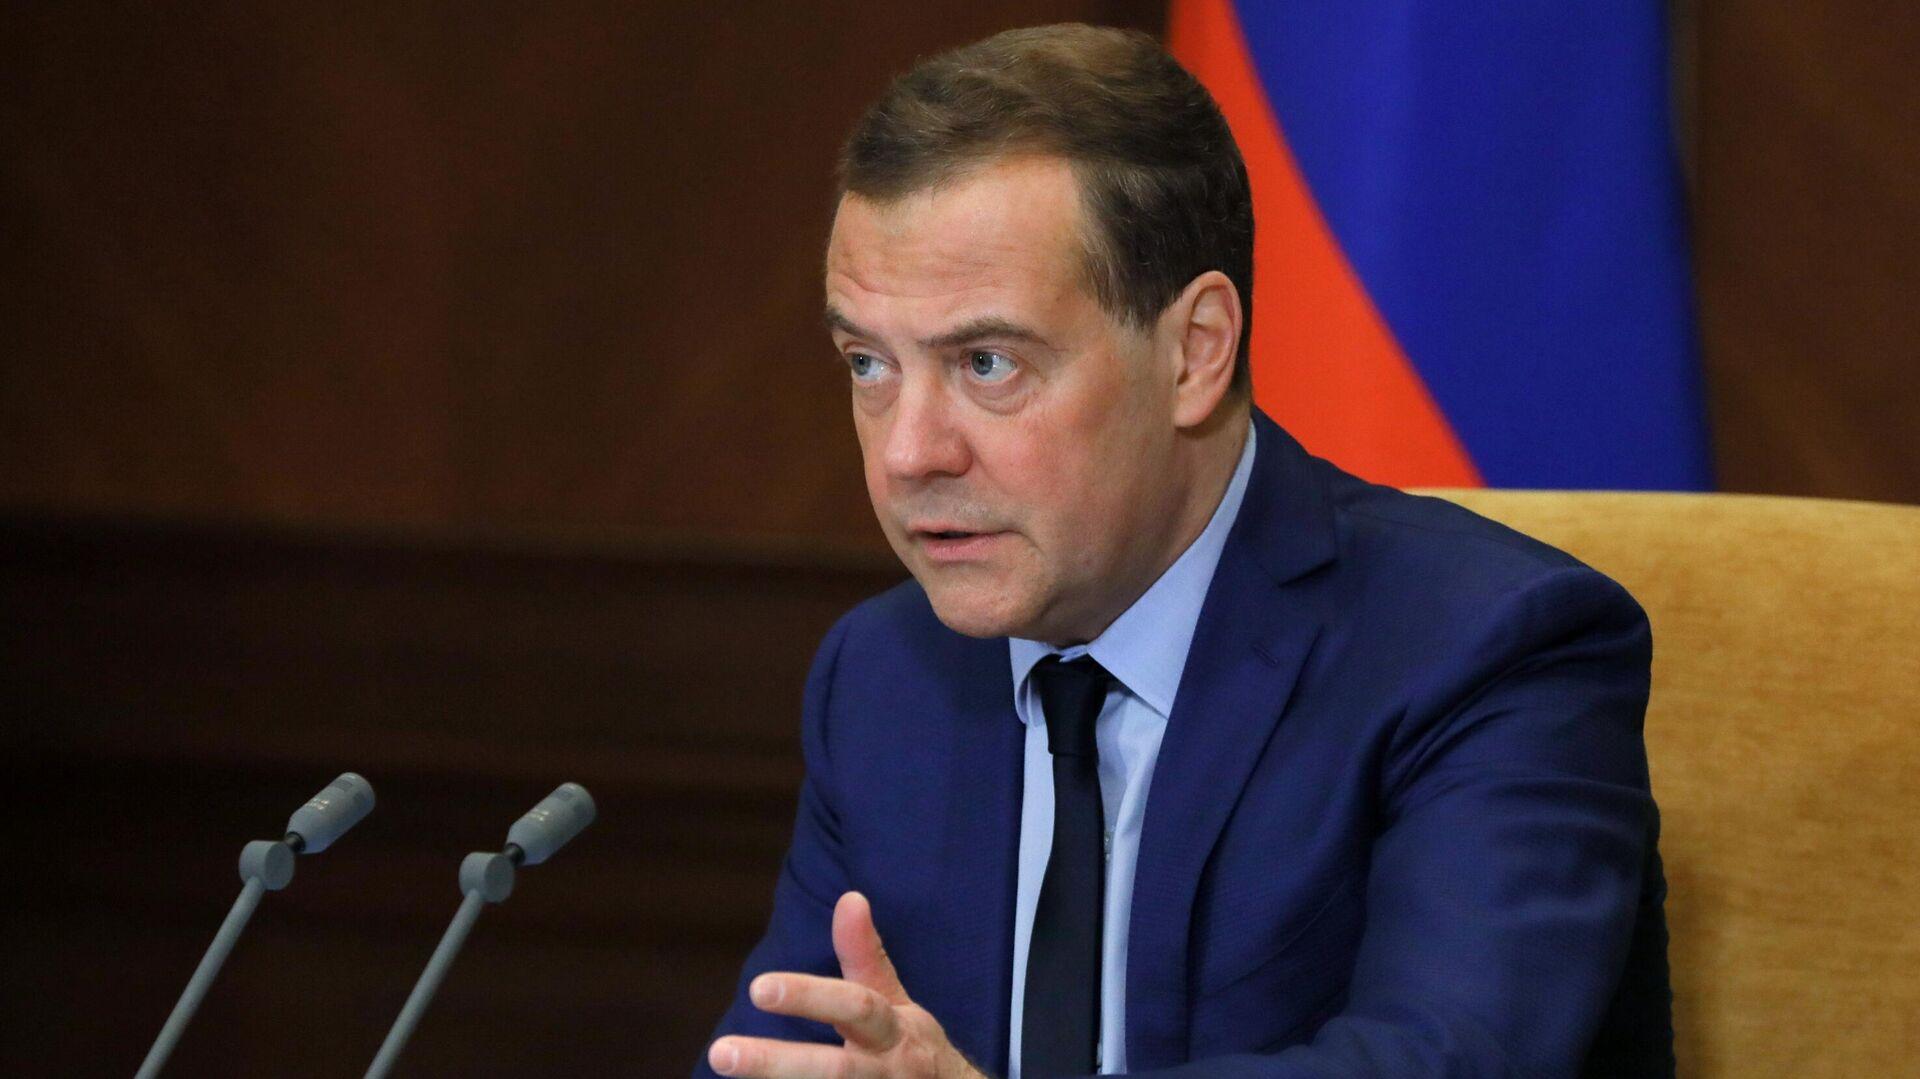 Медведев оценил состояние отношений с США